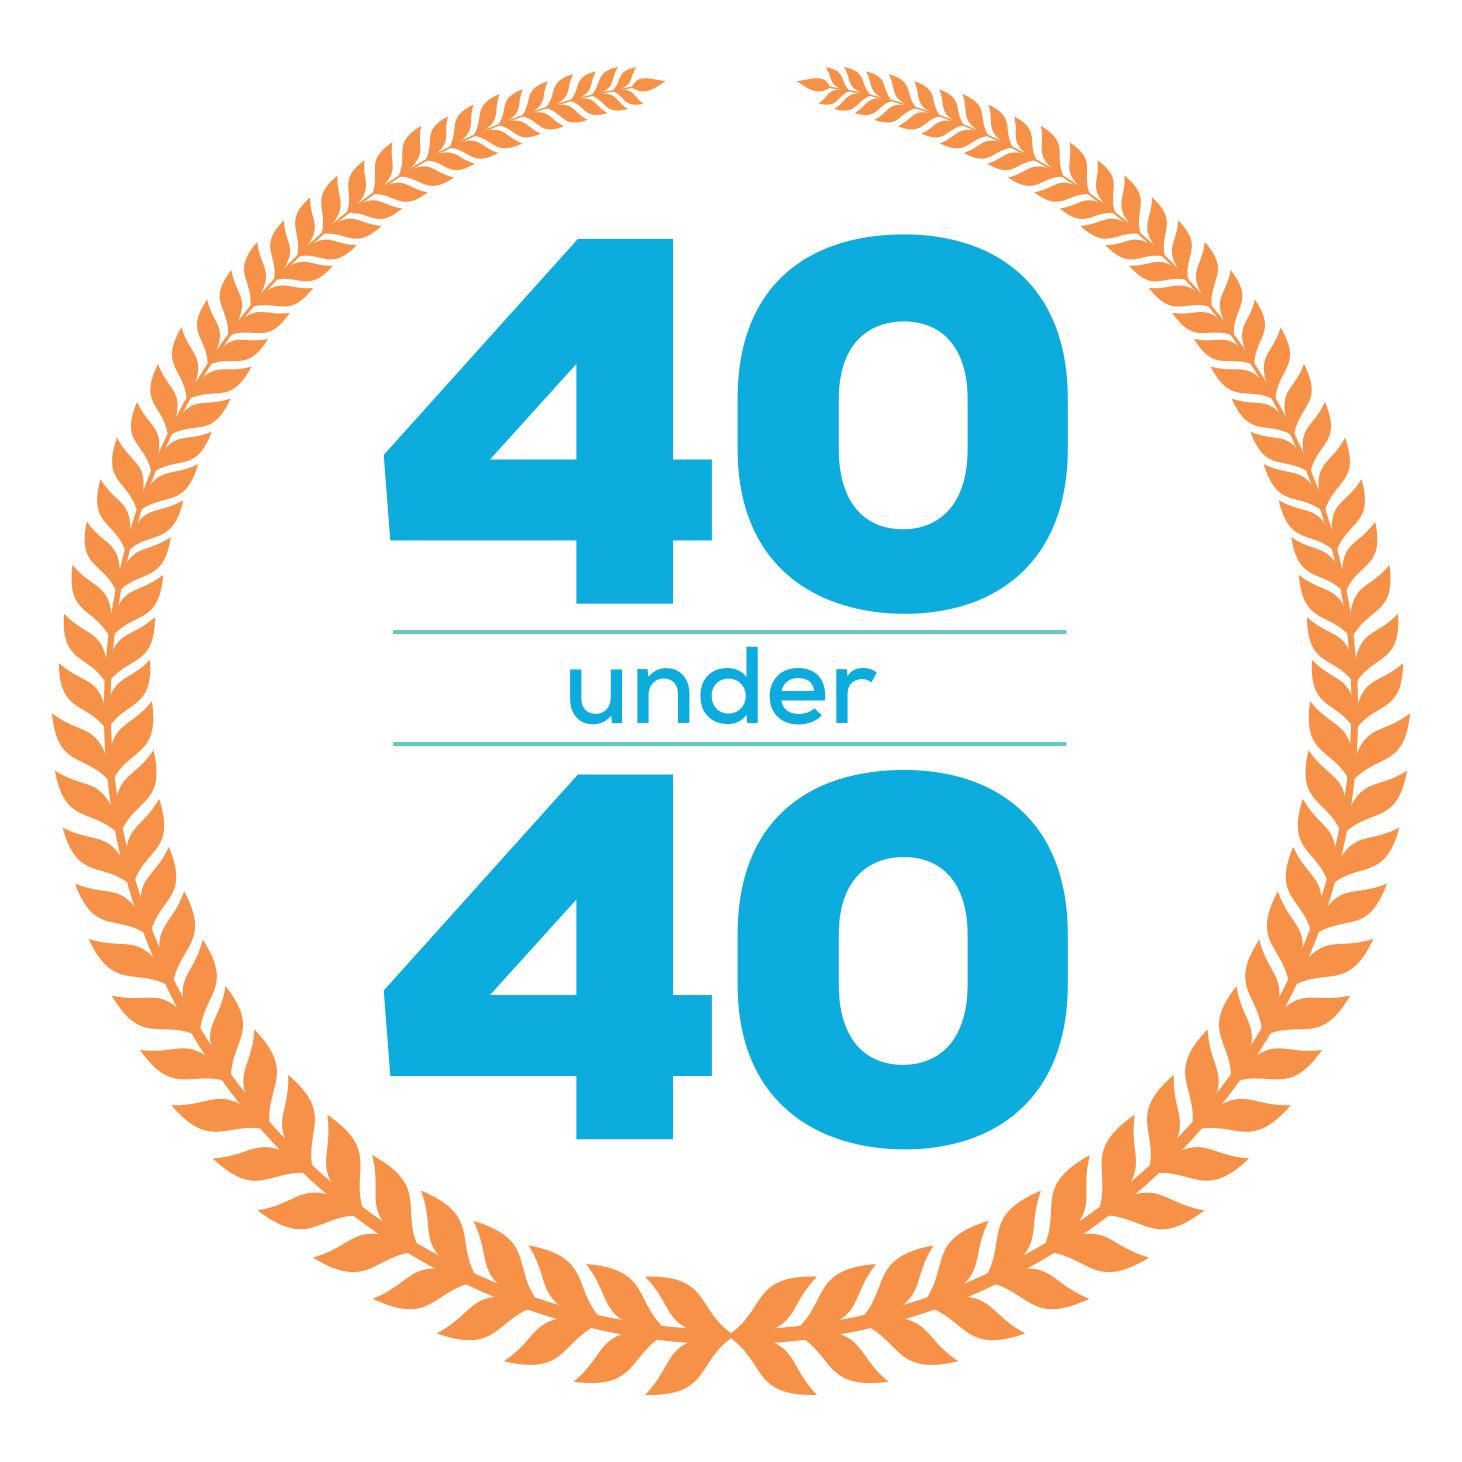 40 Under 40 event logo